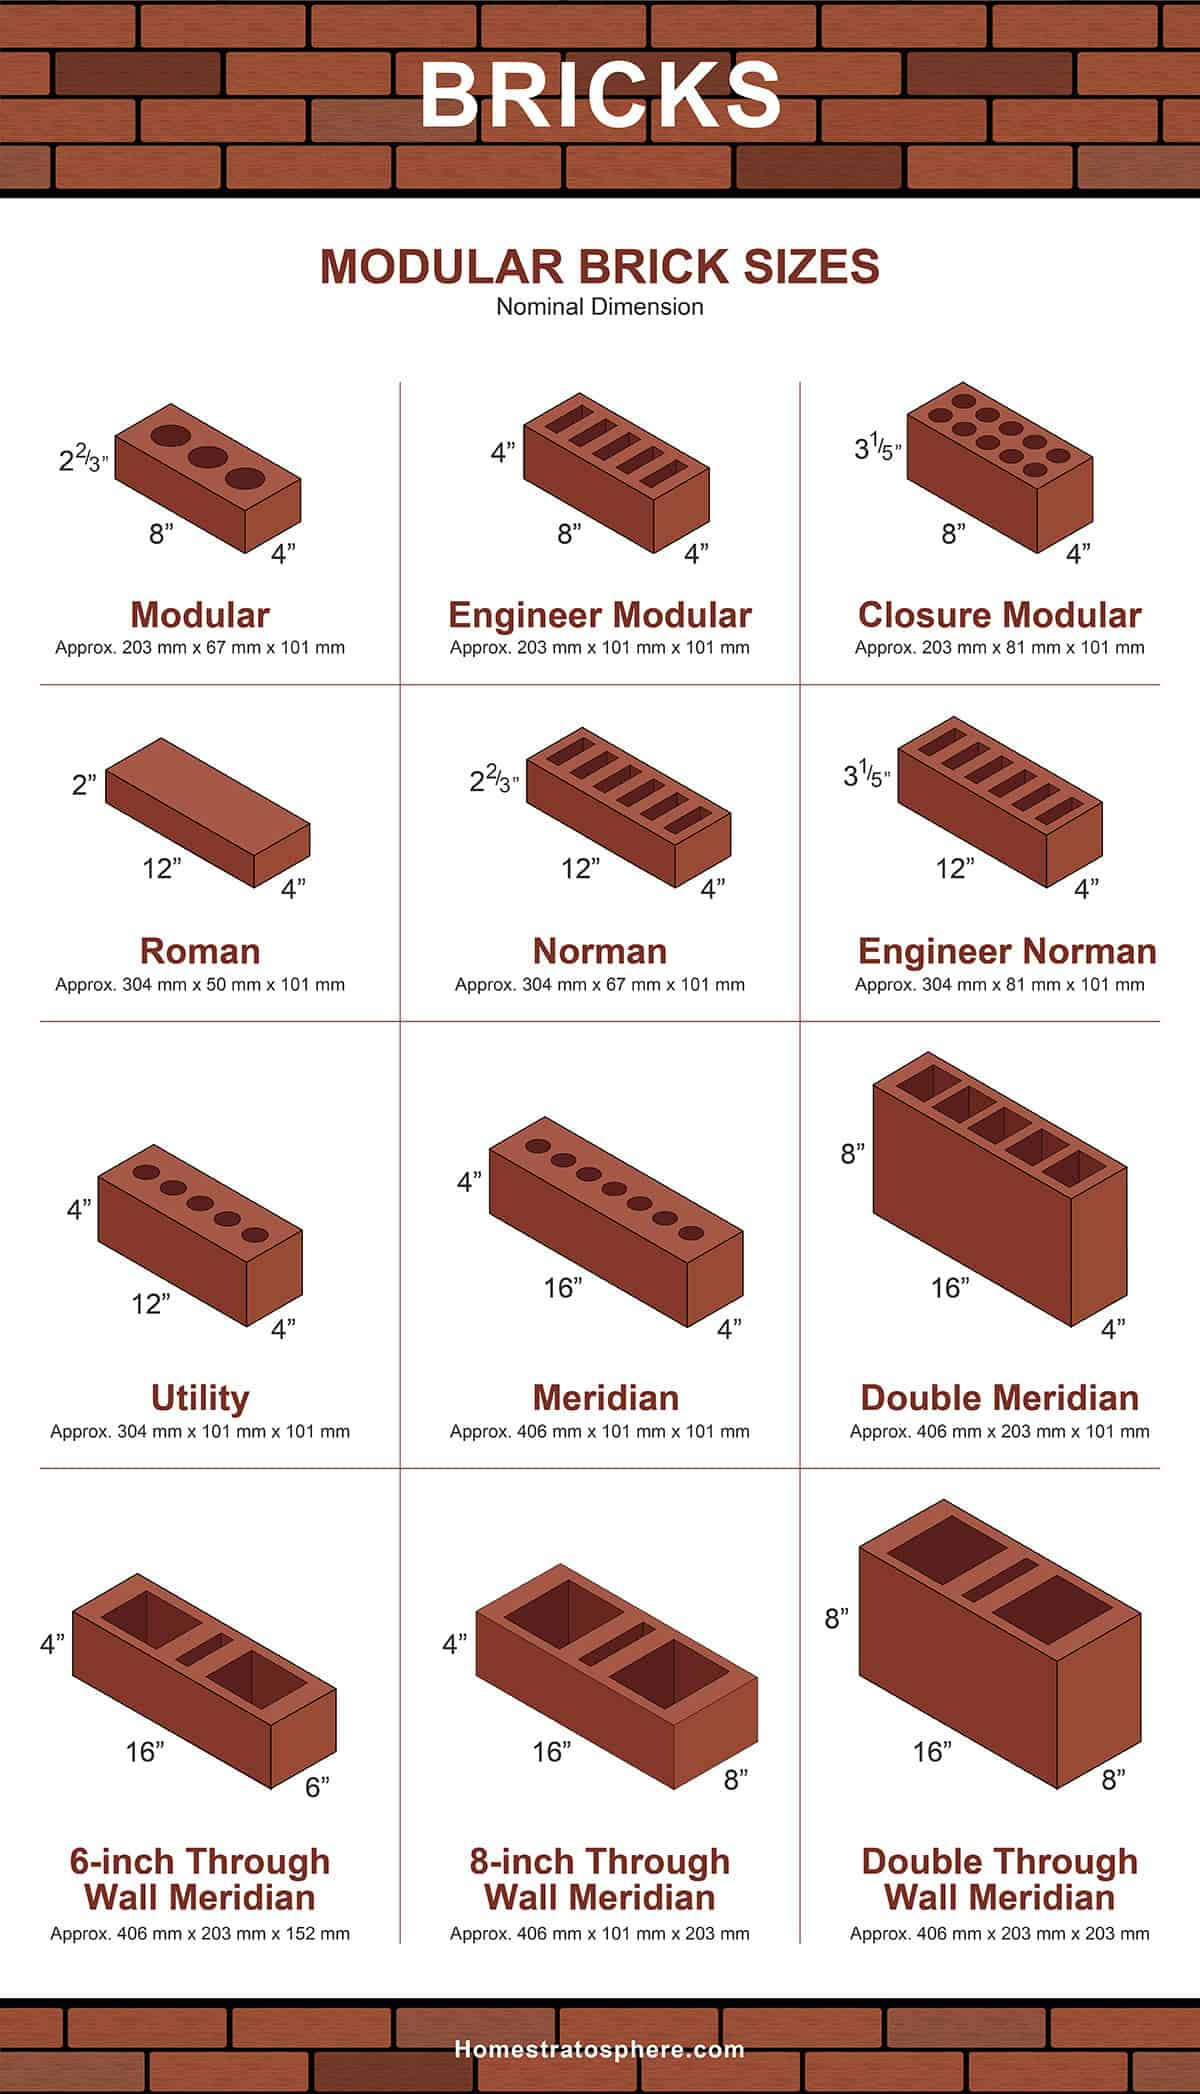 Tailles de briques modulaires